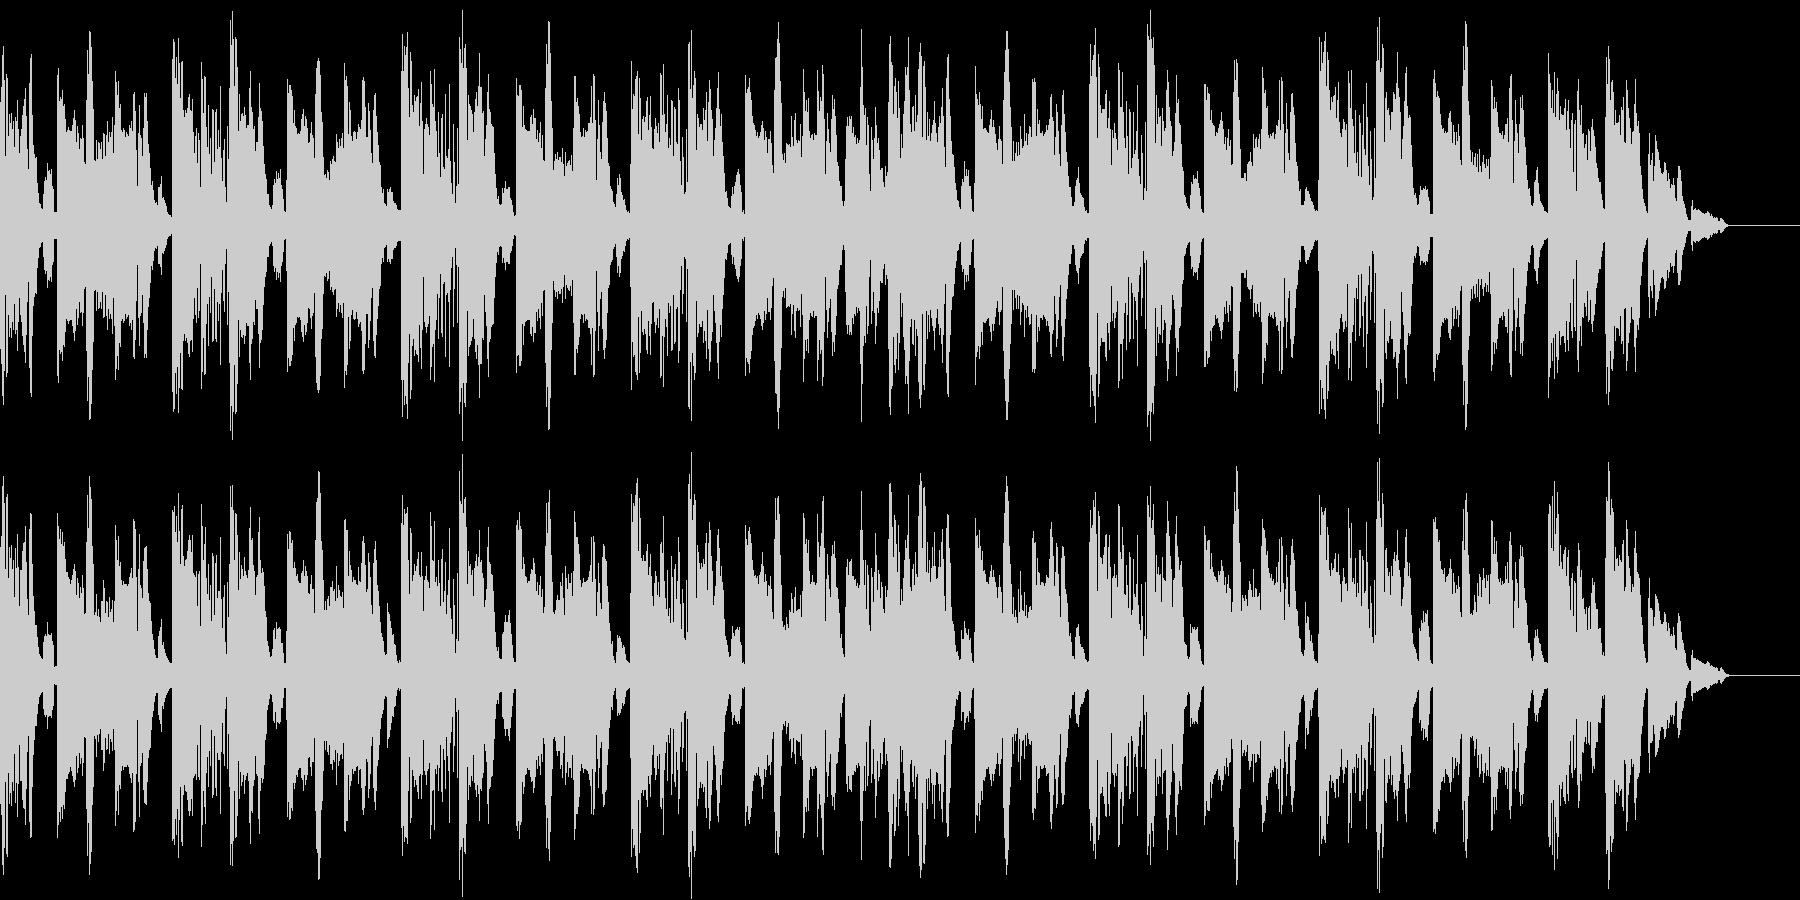 テクノハウステイストのBGMの未再生の波形